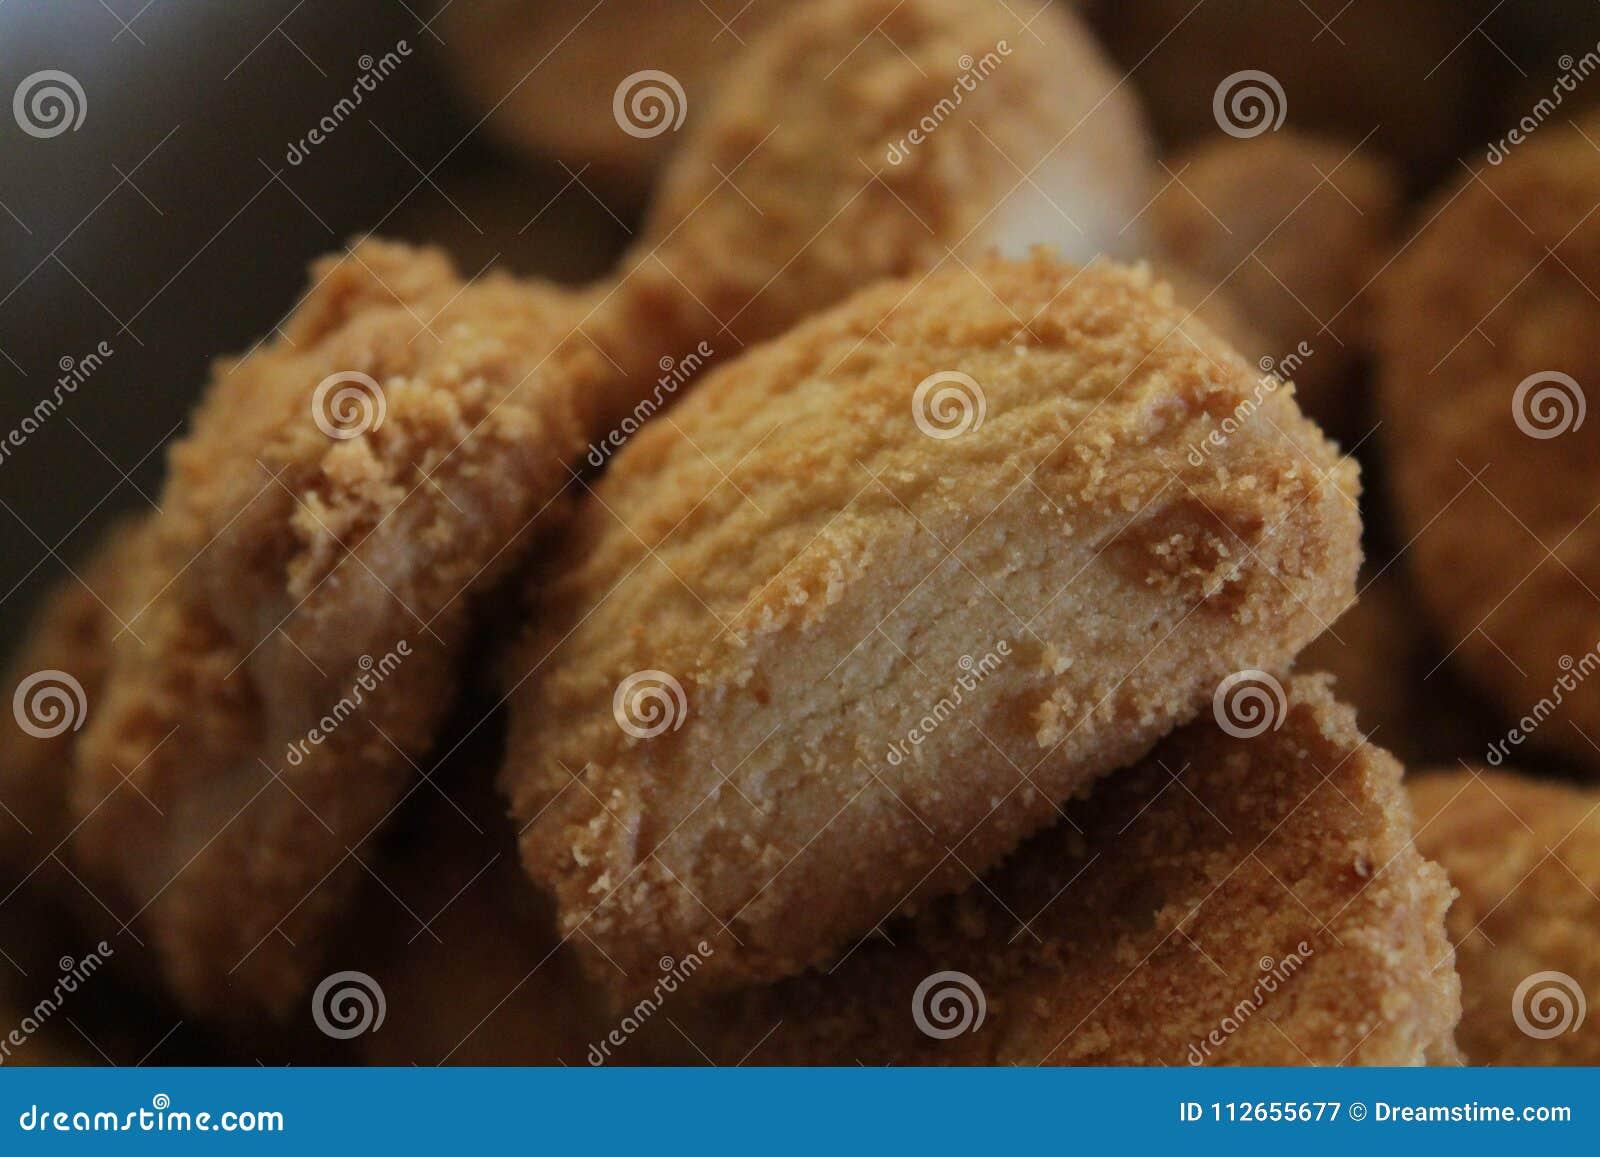 Cookie de biscoito amanteigado doce, muito perto